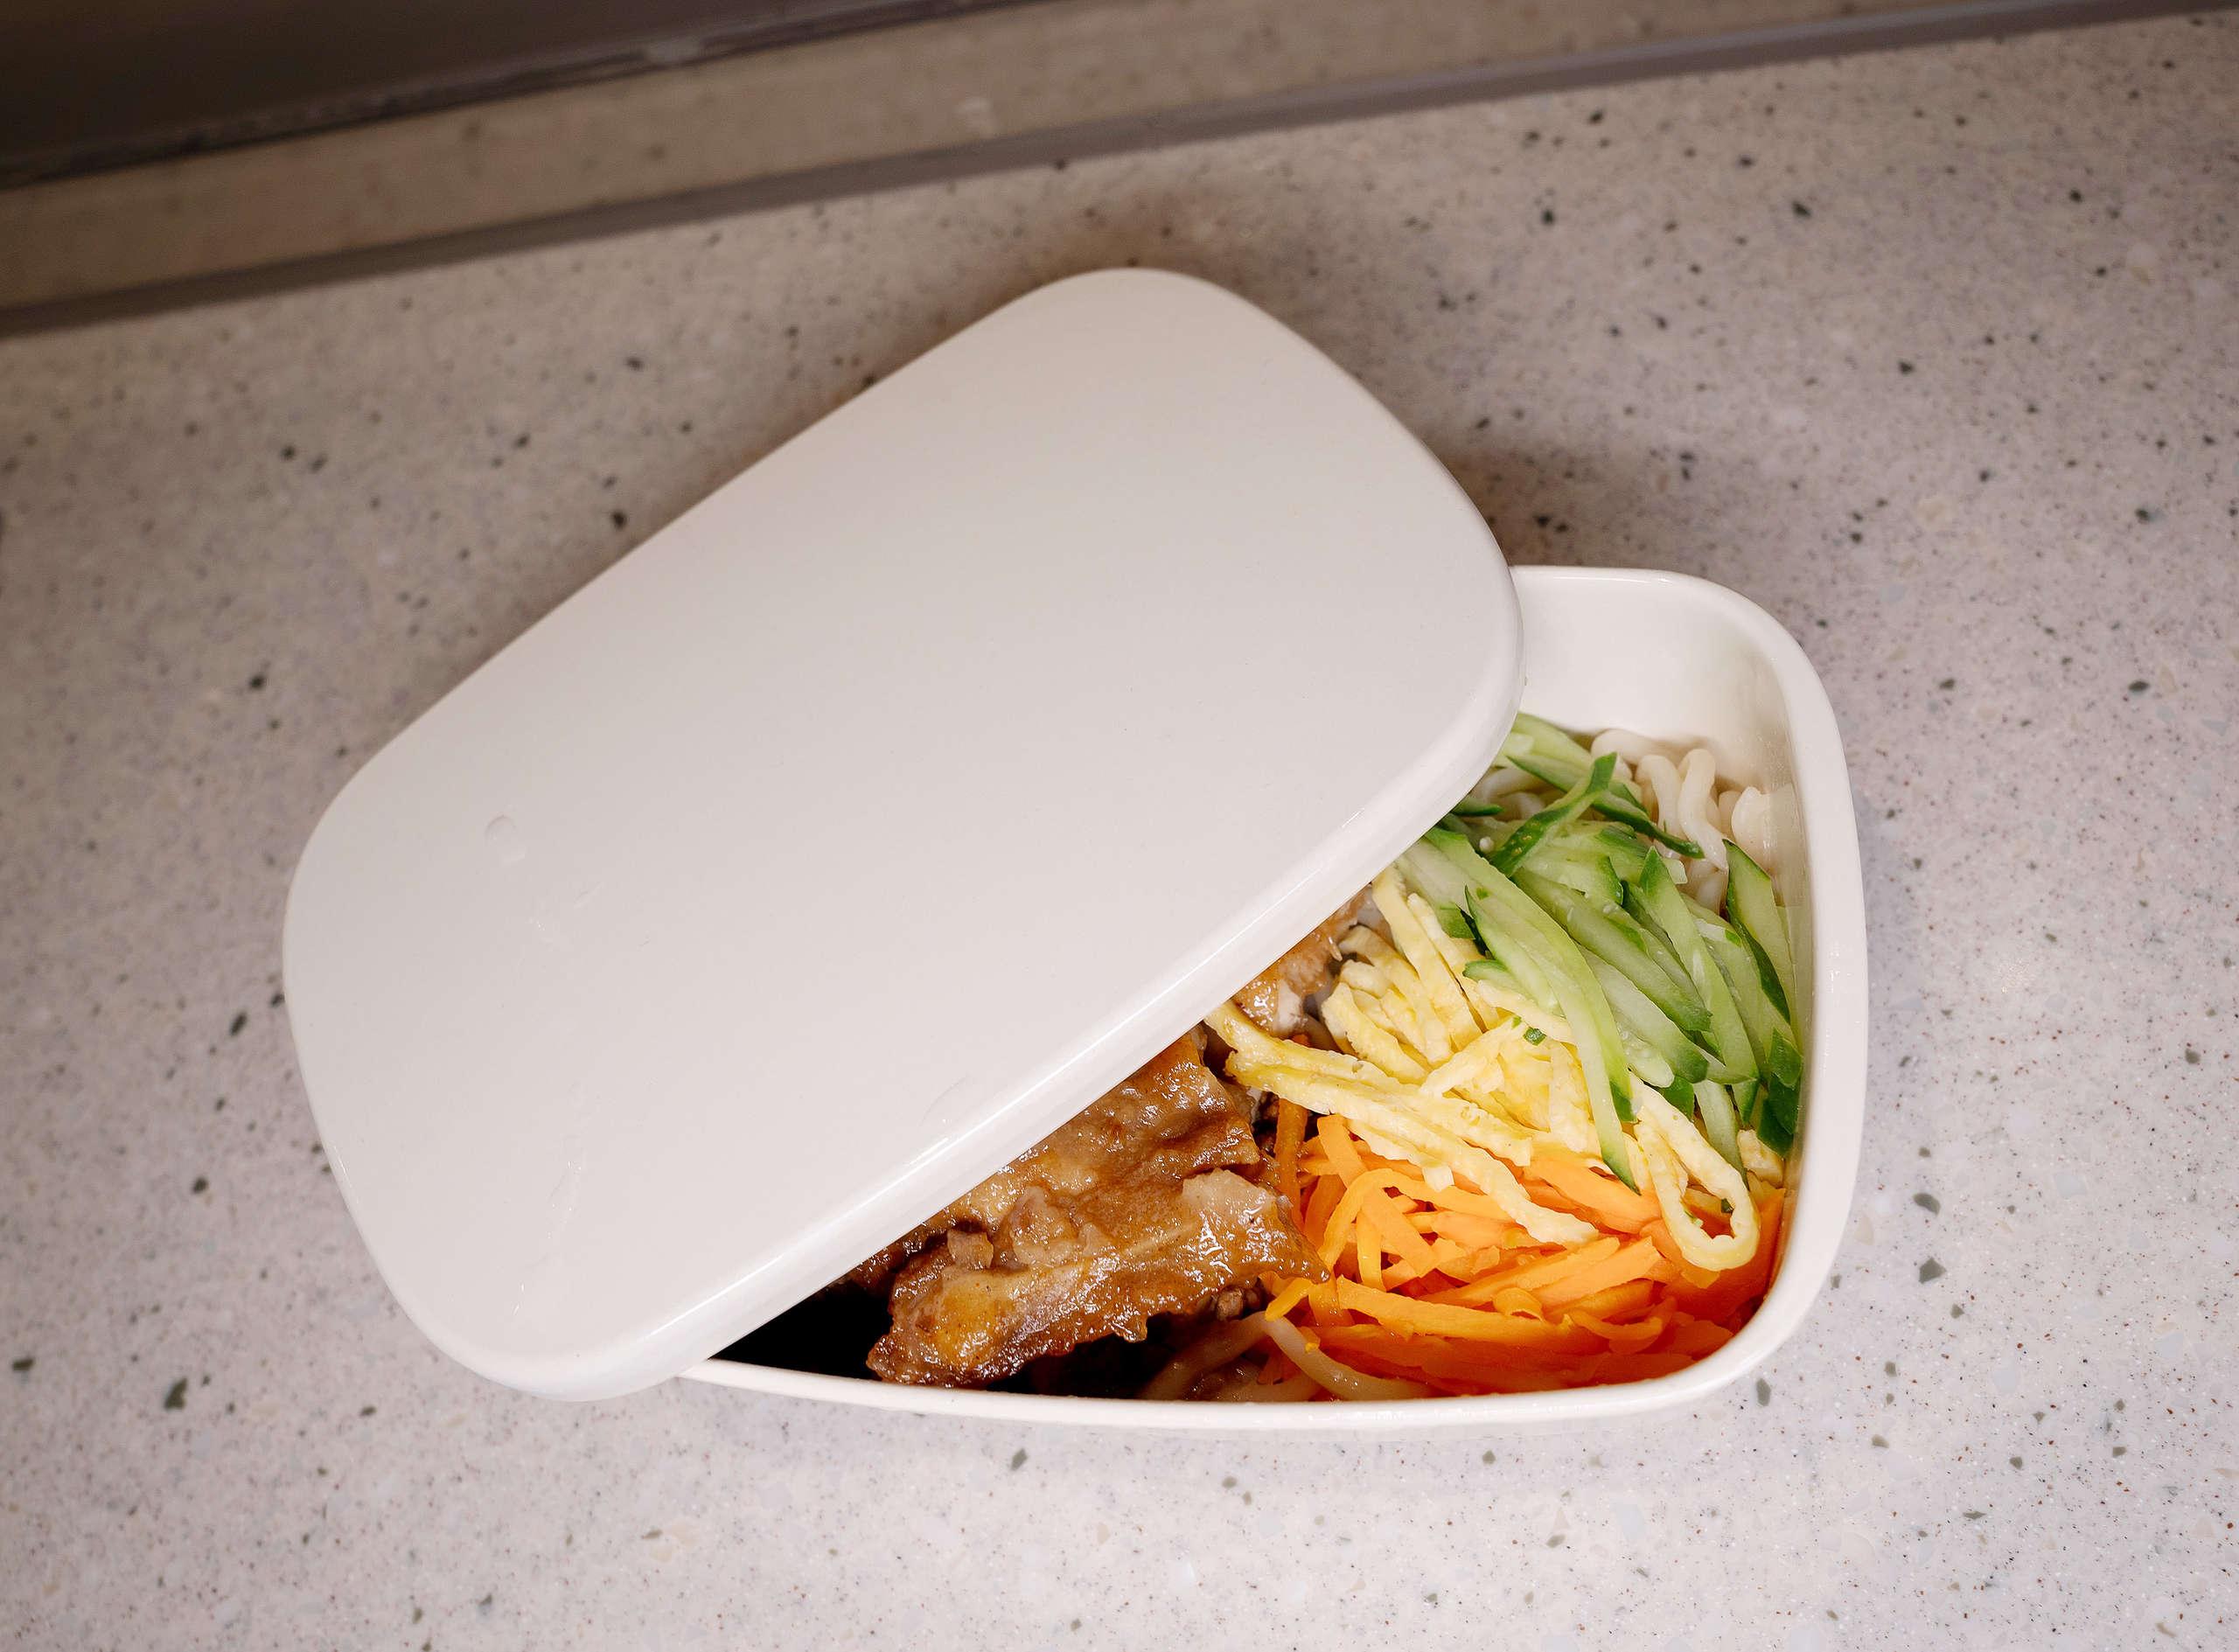 臺灣已有部分店家和超商提供消費者循環容器的外帶選項,民眾只要食用完畢後,再將容器歸還即可,有配合的專業廠商會清洗消毒容器,以供下一輪的使用。